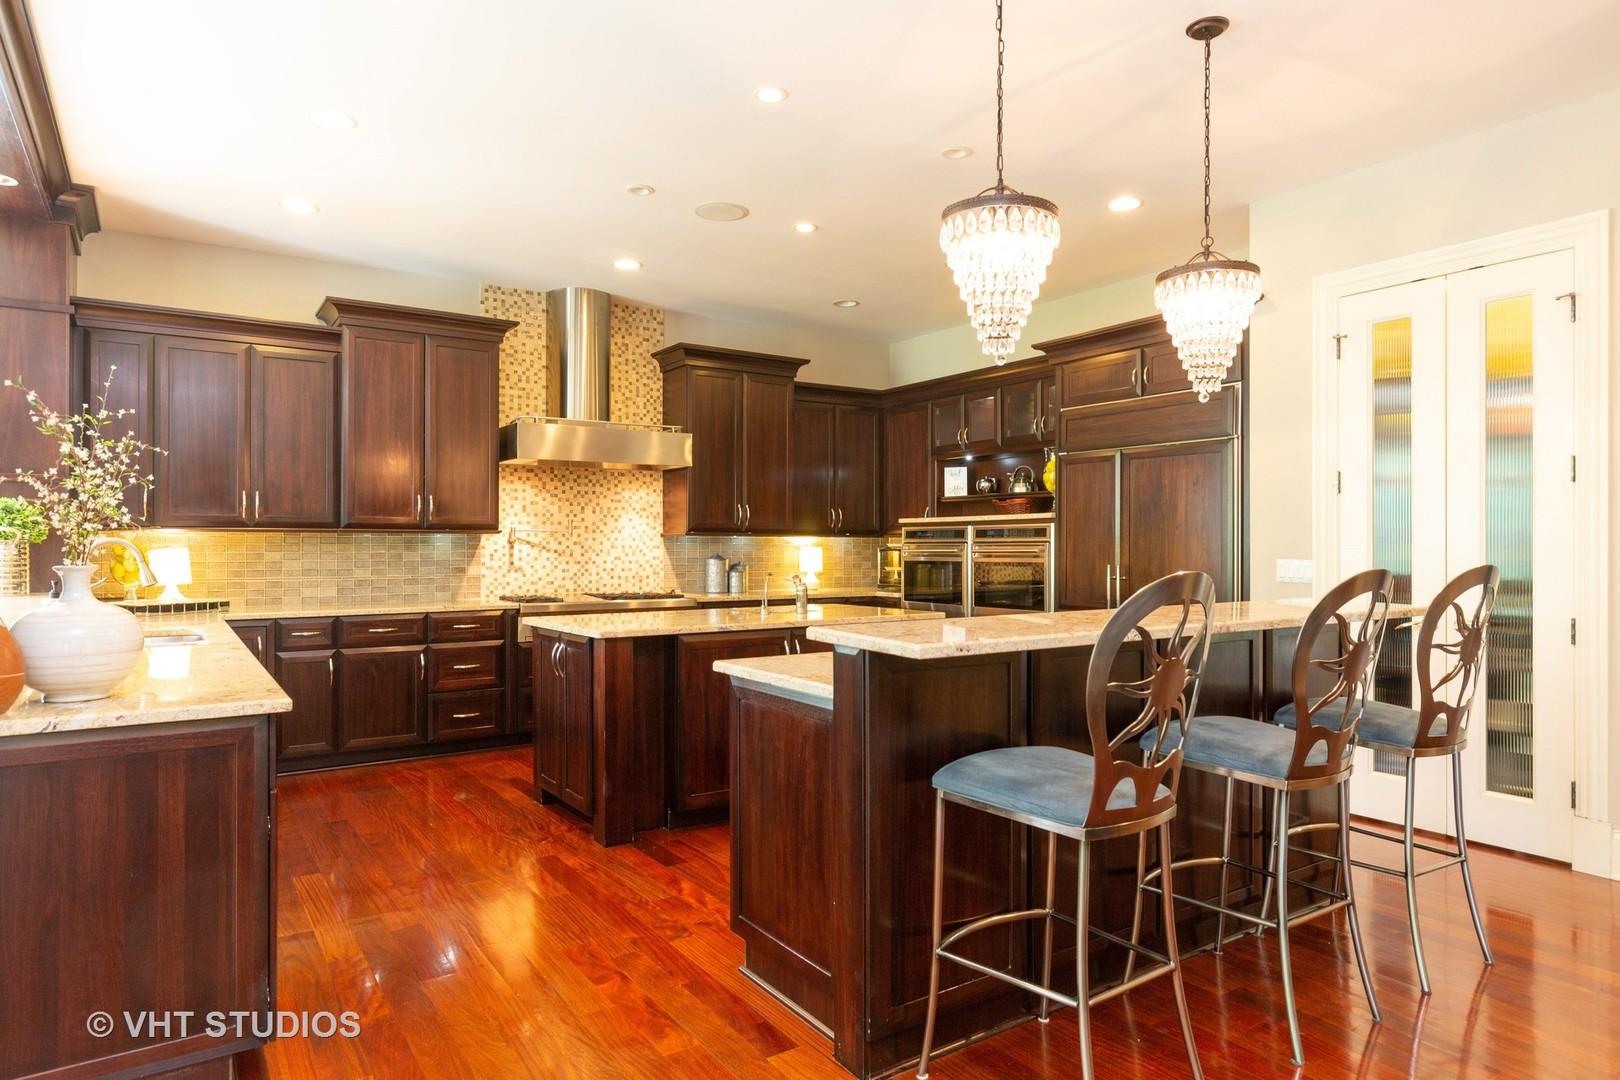 38W310 Heritage Oaks, ST. CHARLES, Illinois, 60175